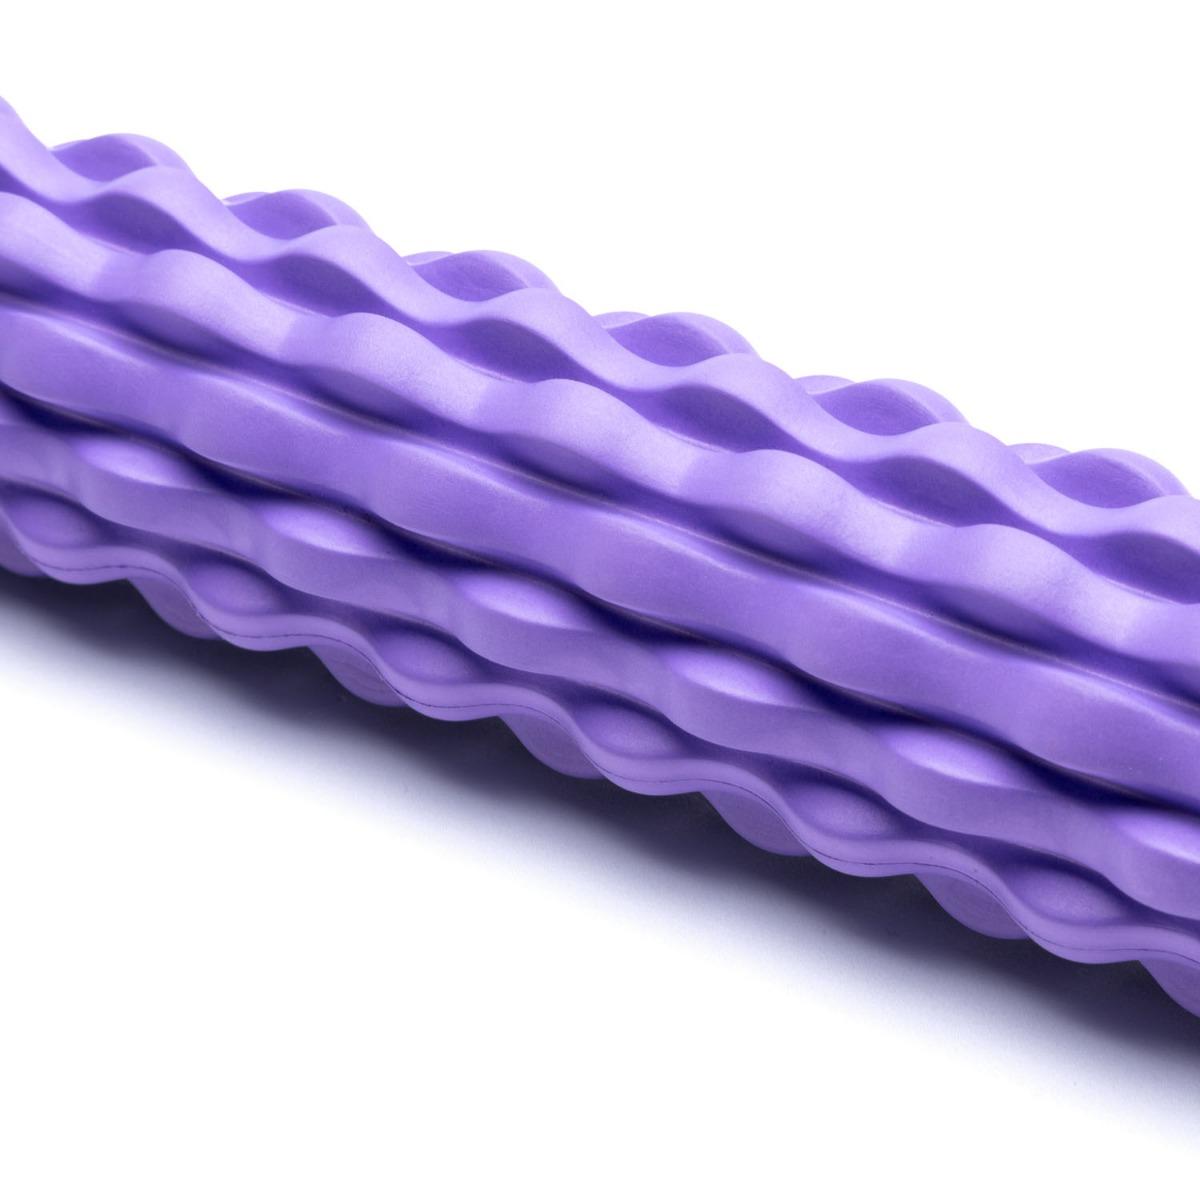 Muscle-Massage-Stick-Roller-Deep-Tissue-Trigger-Point-Foam-Massager-Core-Balance thumbnail 34